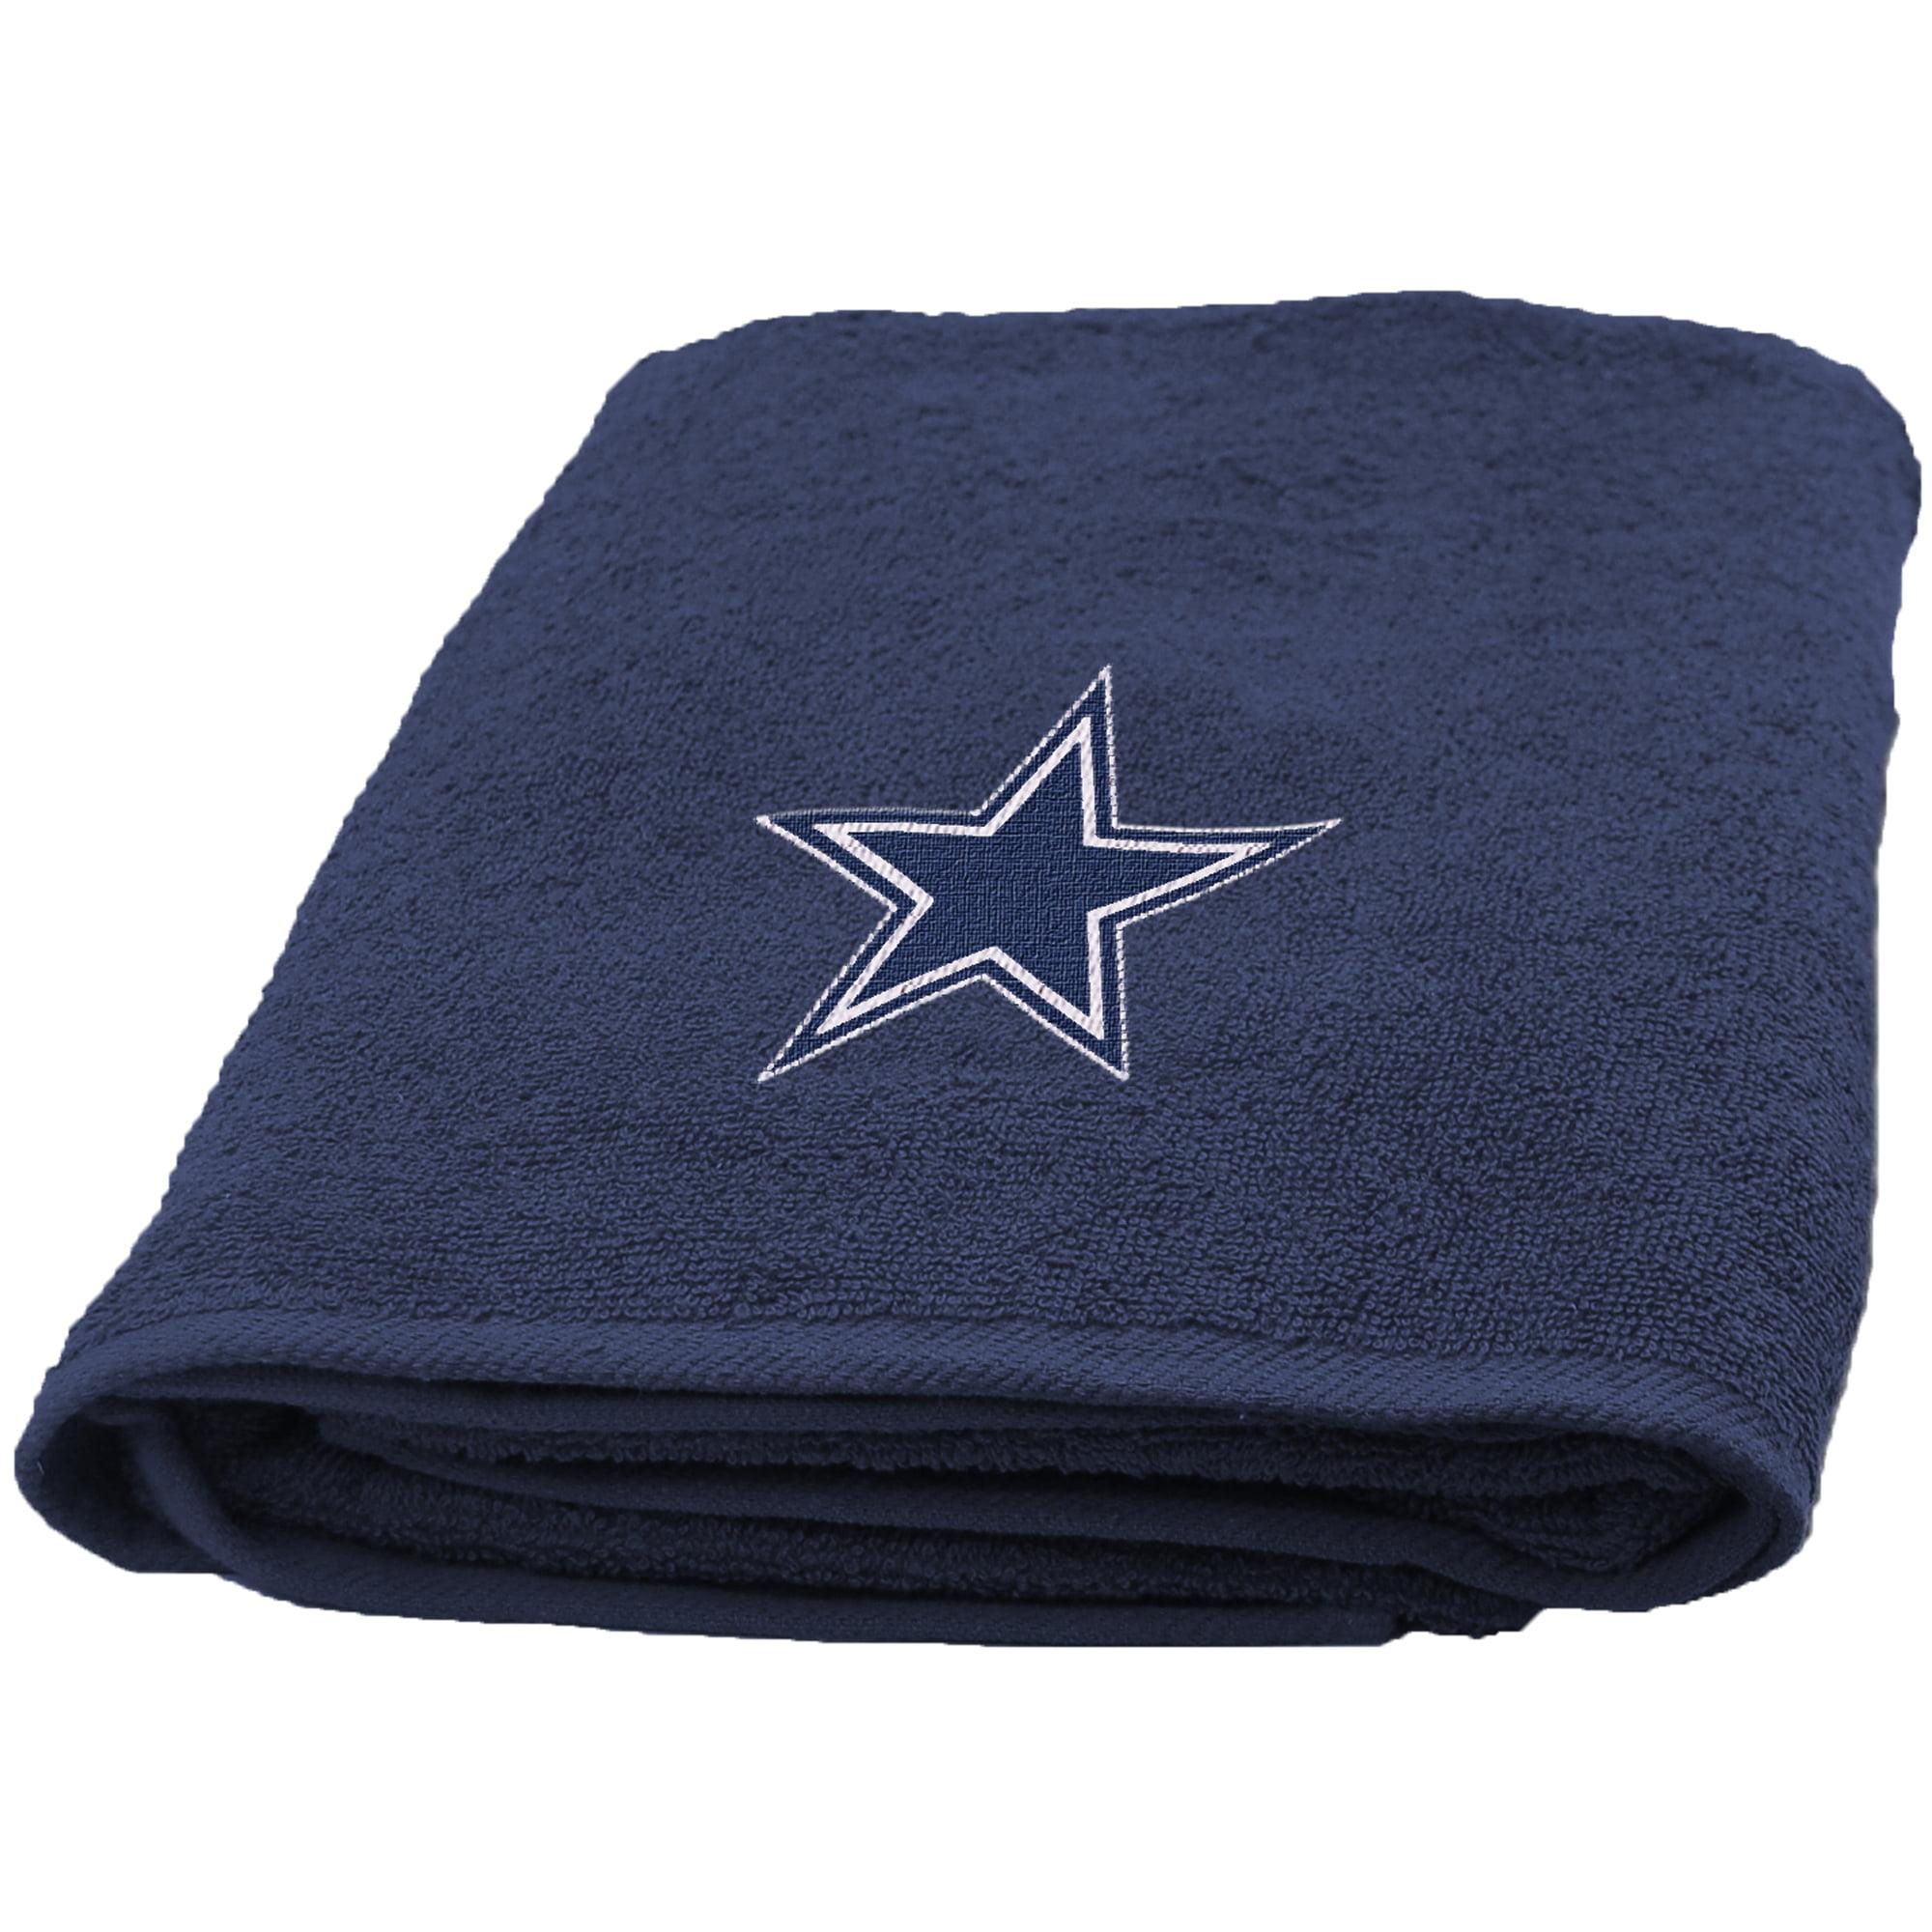 Dallas Cowboys The Northwest Company 25'' x 50'' Applique Bath Towel - No Size